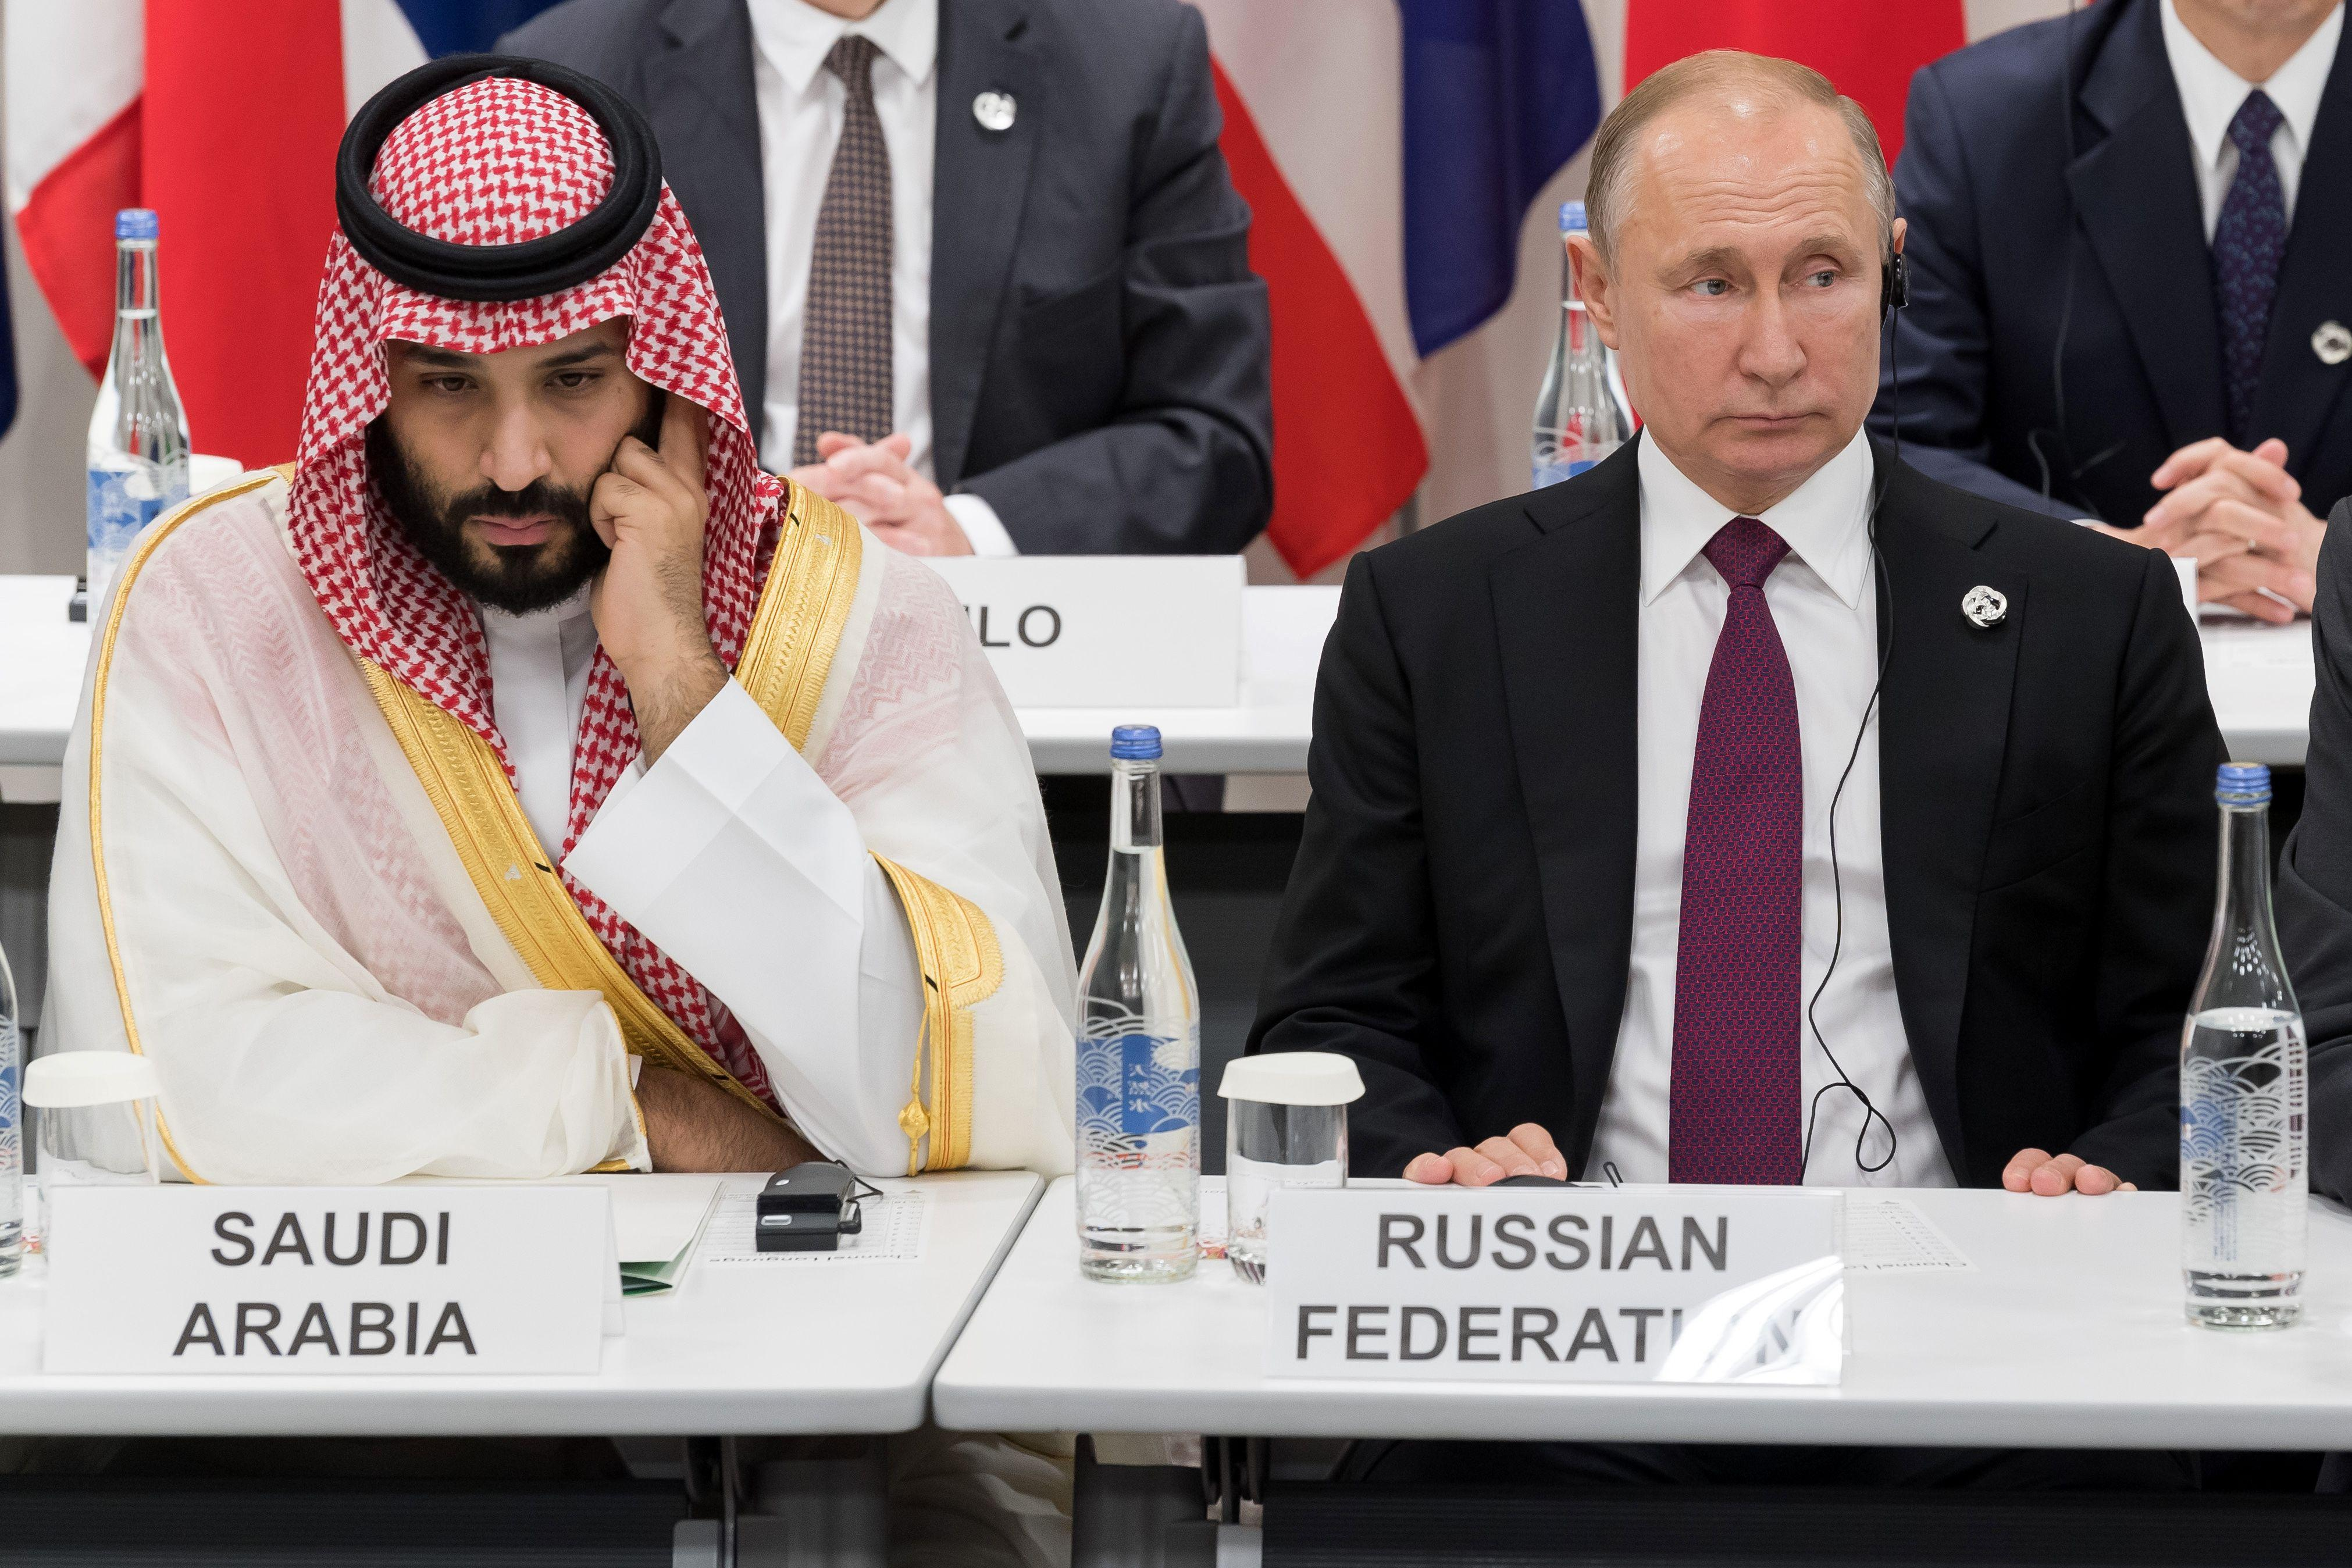 Làn sóng dịch bệnh thứ hai có thể đẩy giá dầu xuống thấp hơn và kích hoạt thêm hành động từ OPEC +